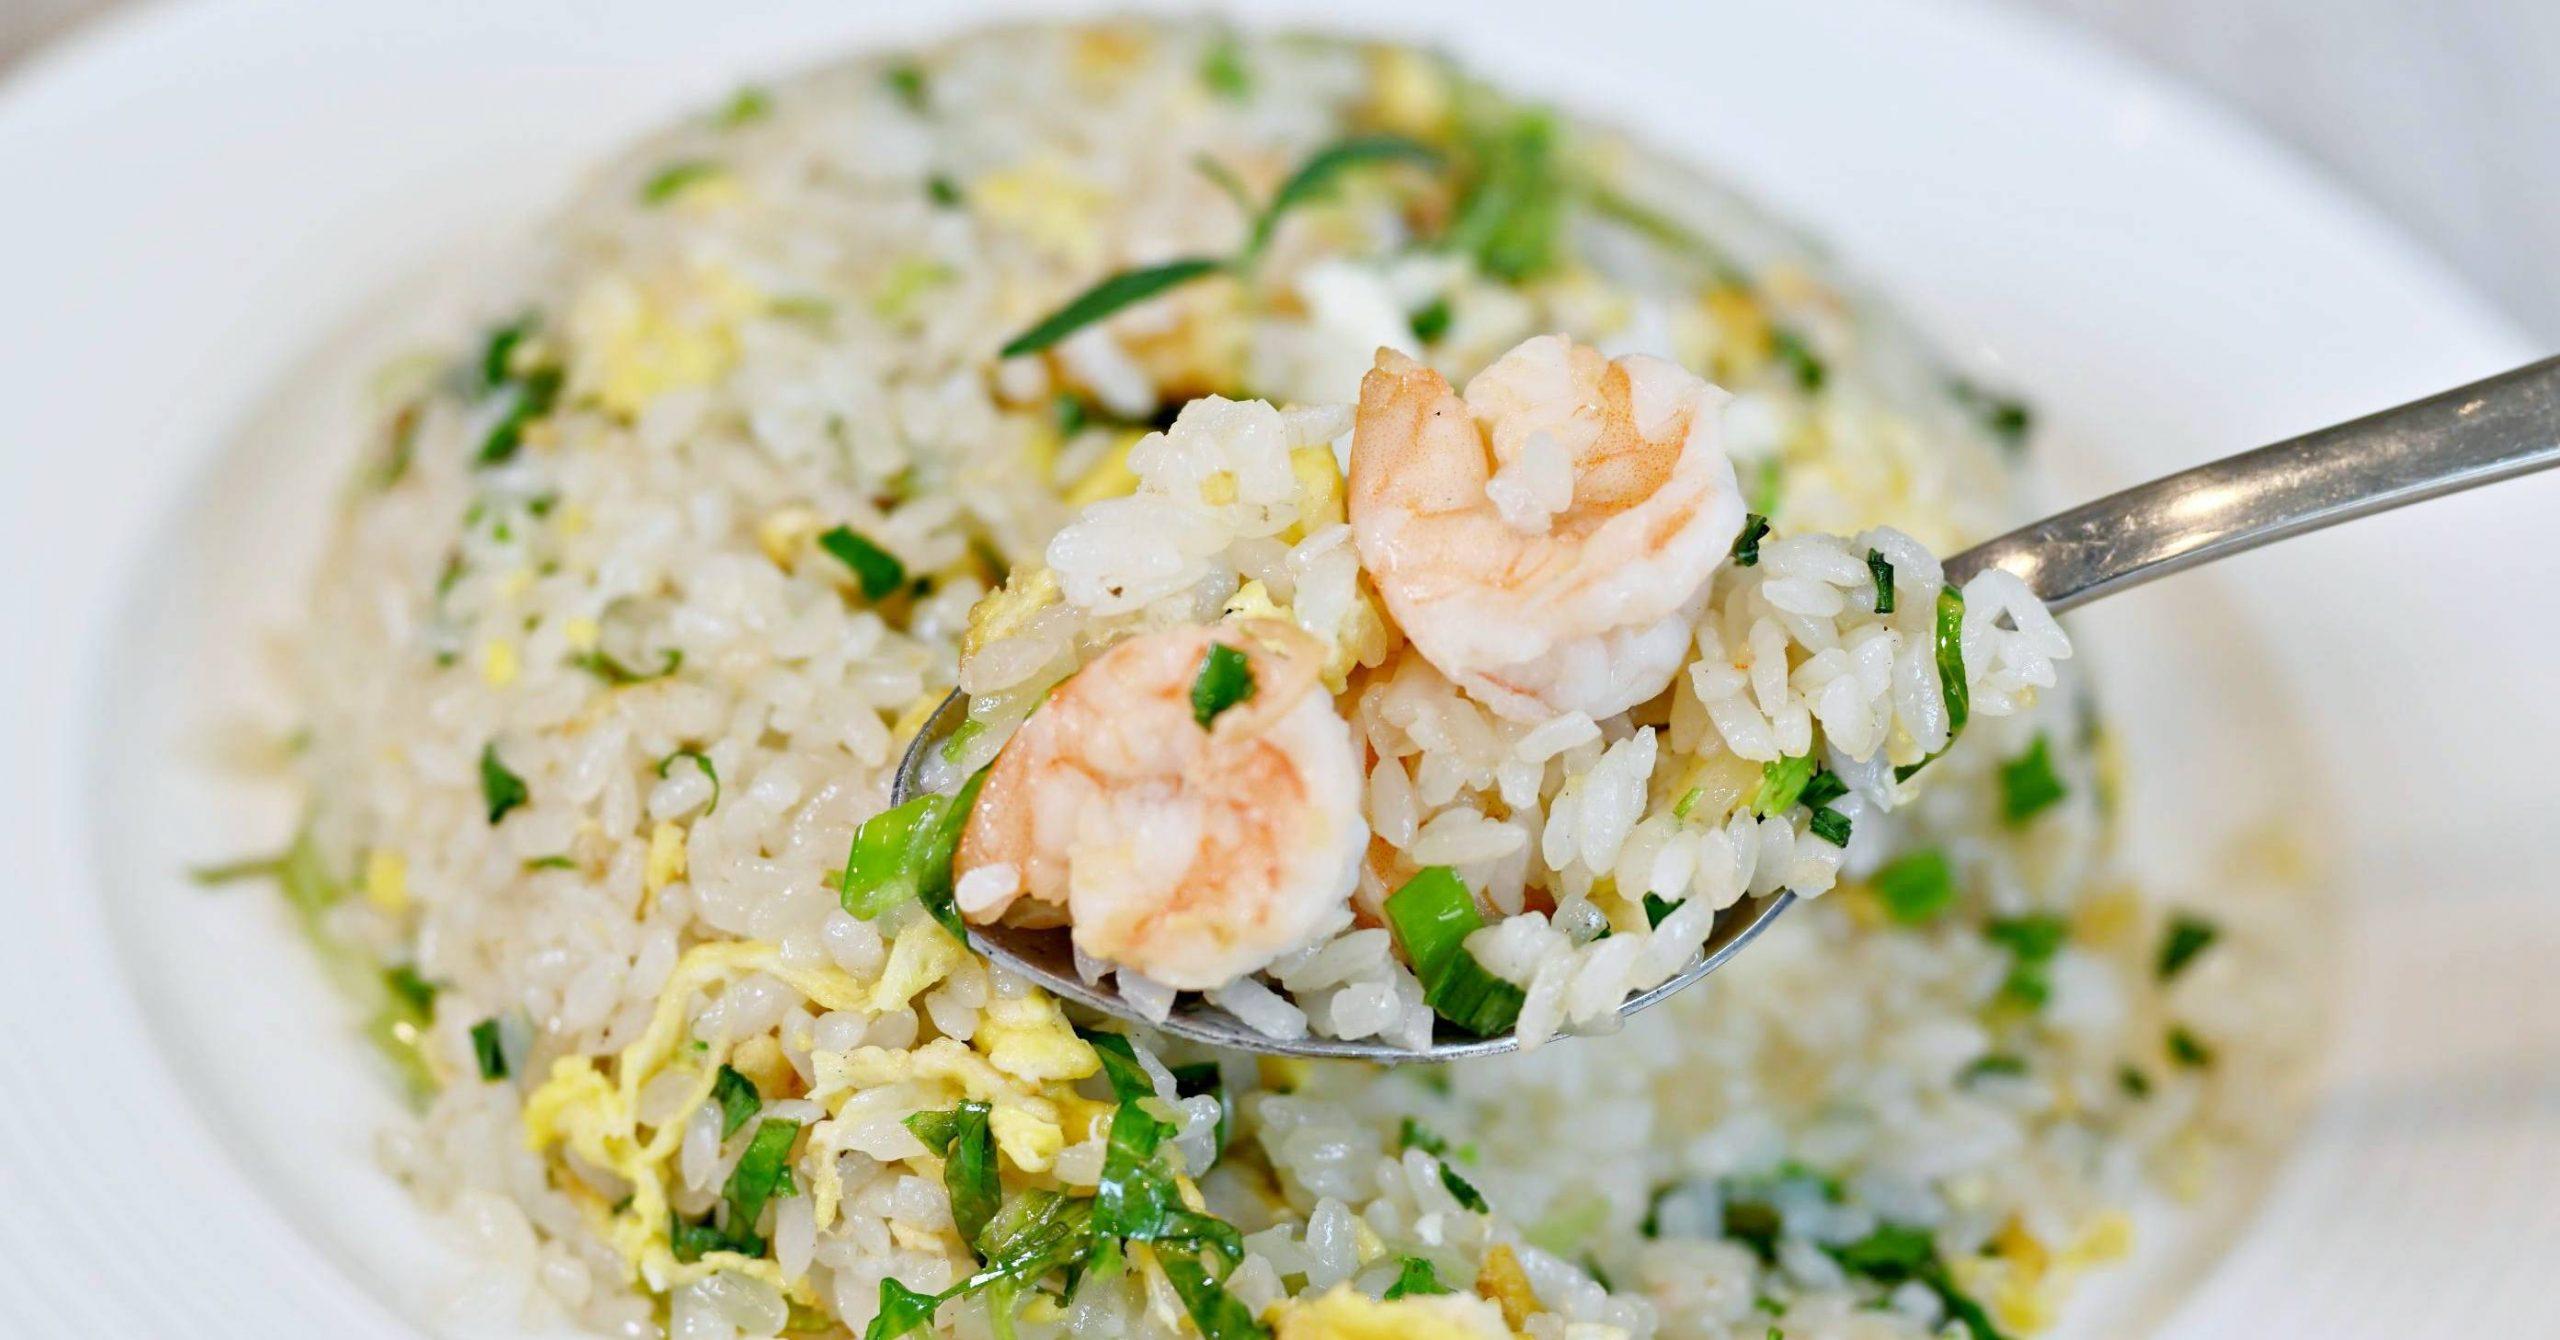 洋昇水產料理坊|天母美食 超驚豔的海鮮料理餐廳 (菜單)